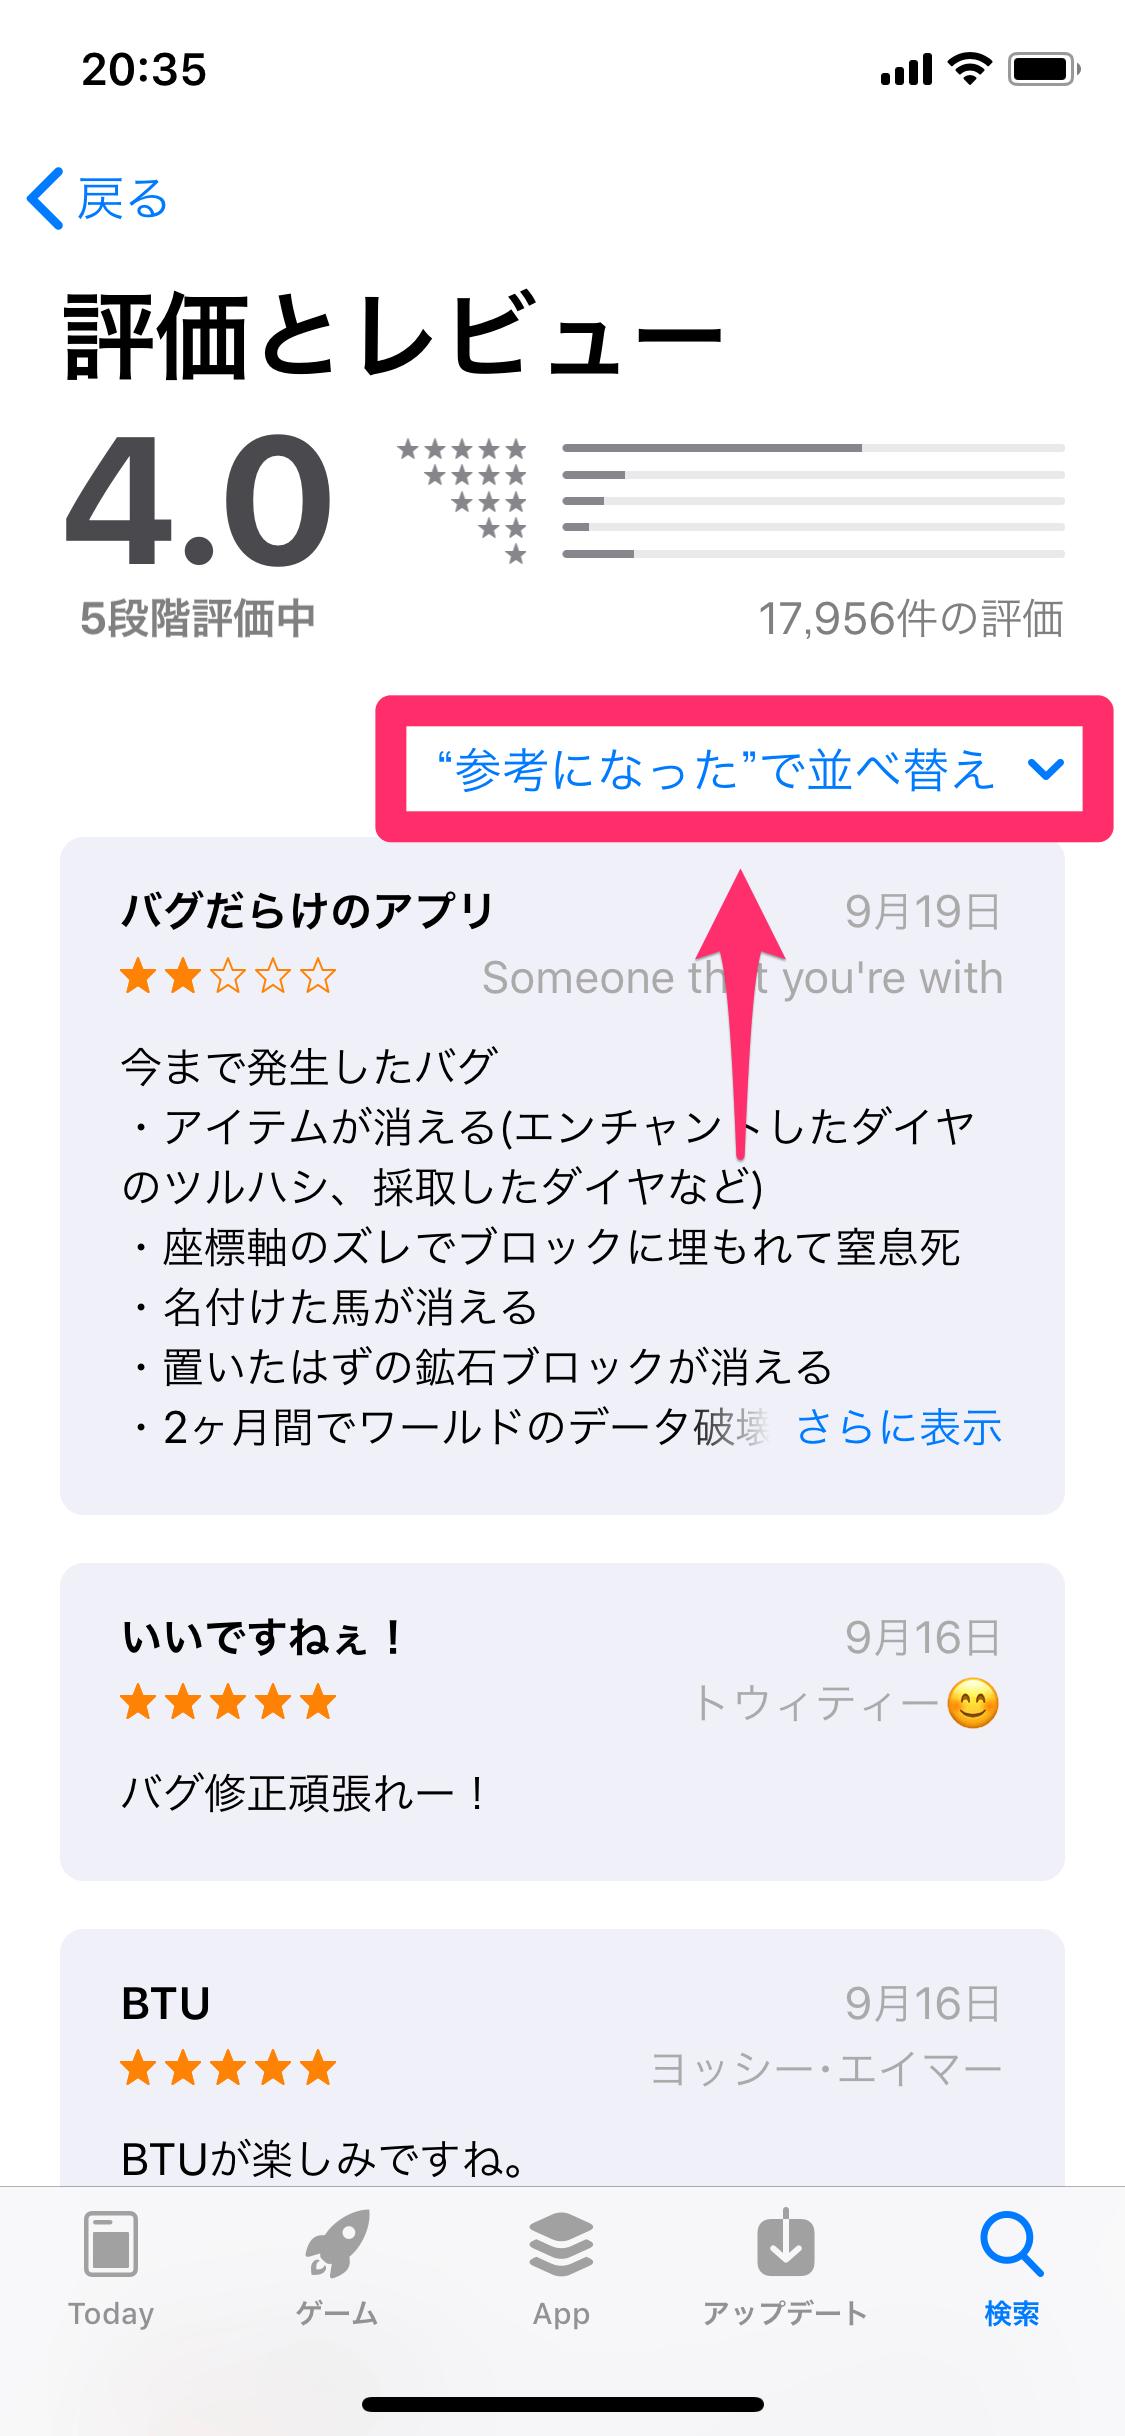 【iOS 11.3】App Storeのレビューの並べ替えが可能に。「最新」「高評価」で探しやすくなった!